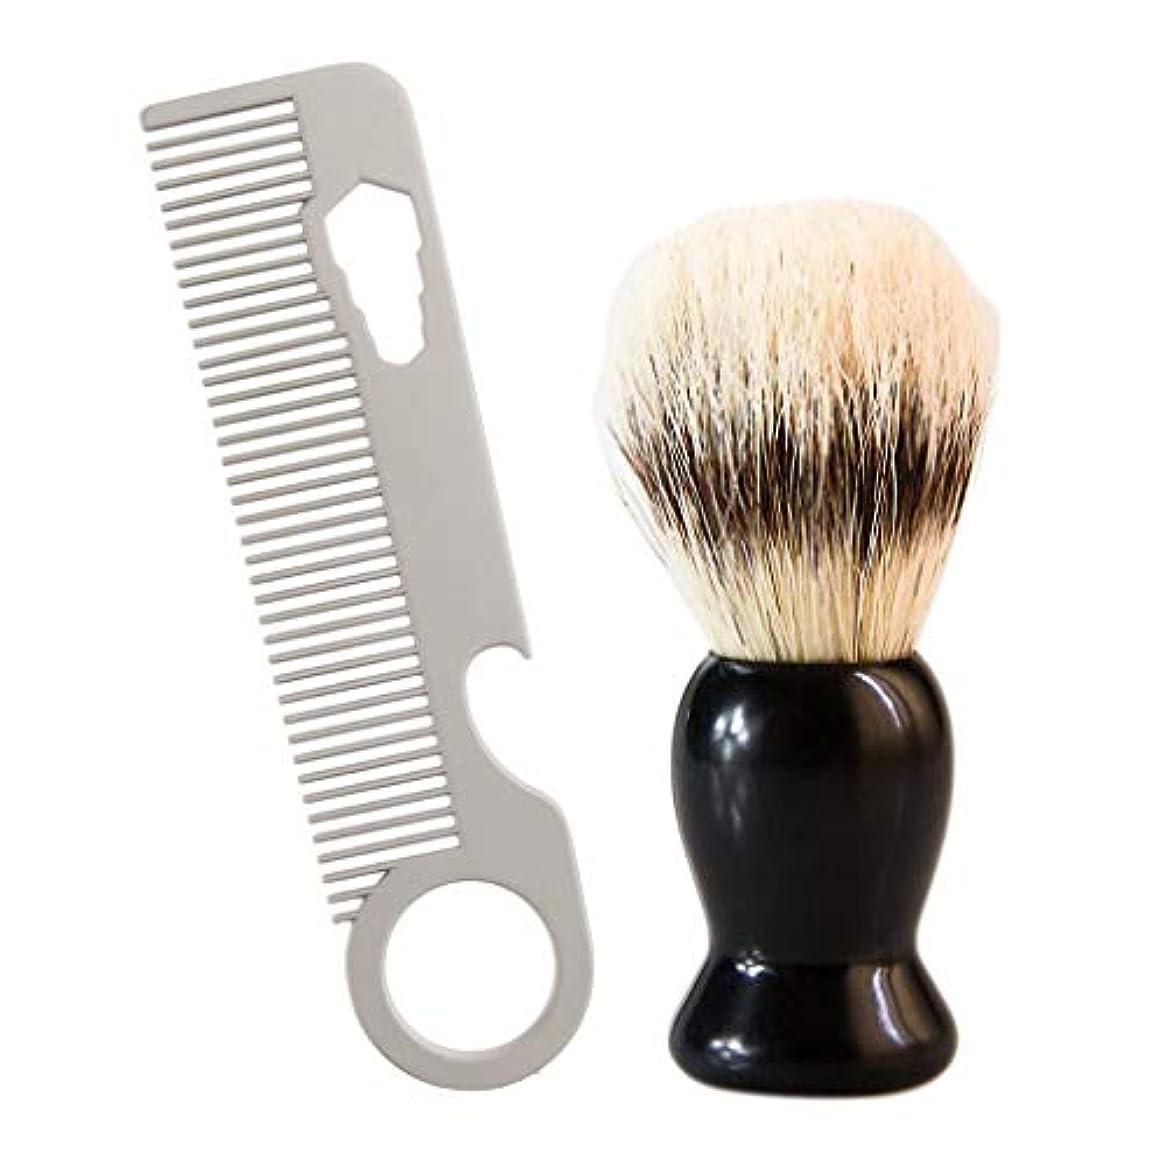 細胞キャンプ真実chiwanji 男性用 ひげ剃り櫛 シェービングブラシ 理容 洗顔 髭剃り 旅行 携帯便利 2個セット